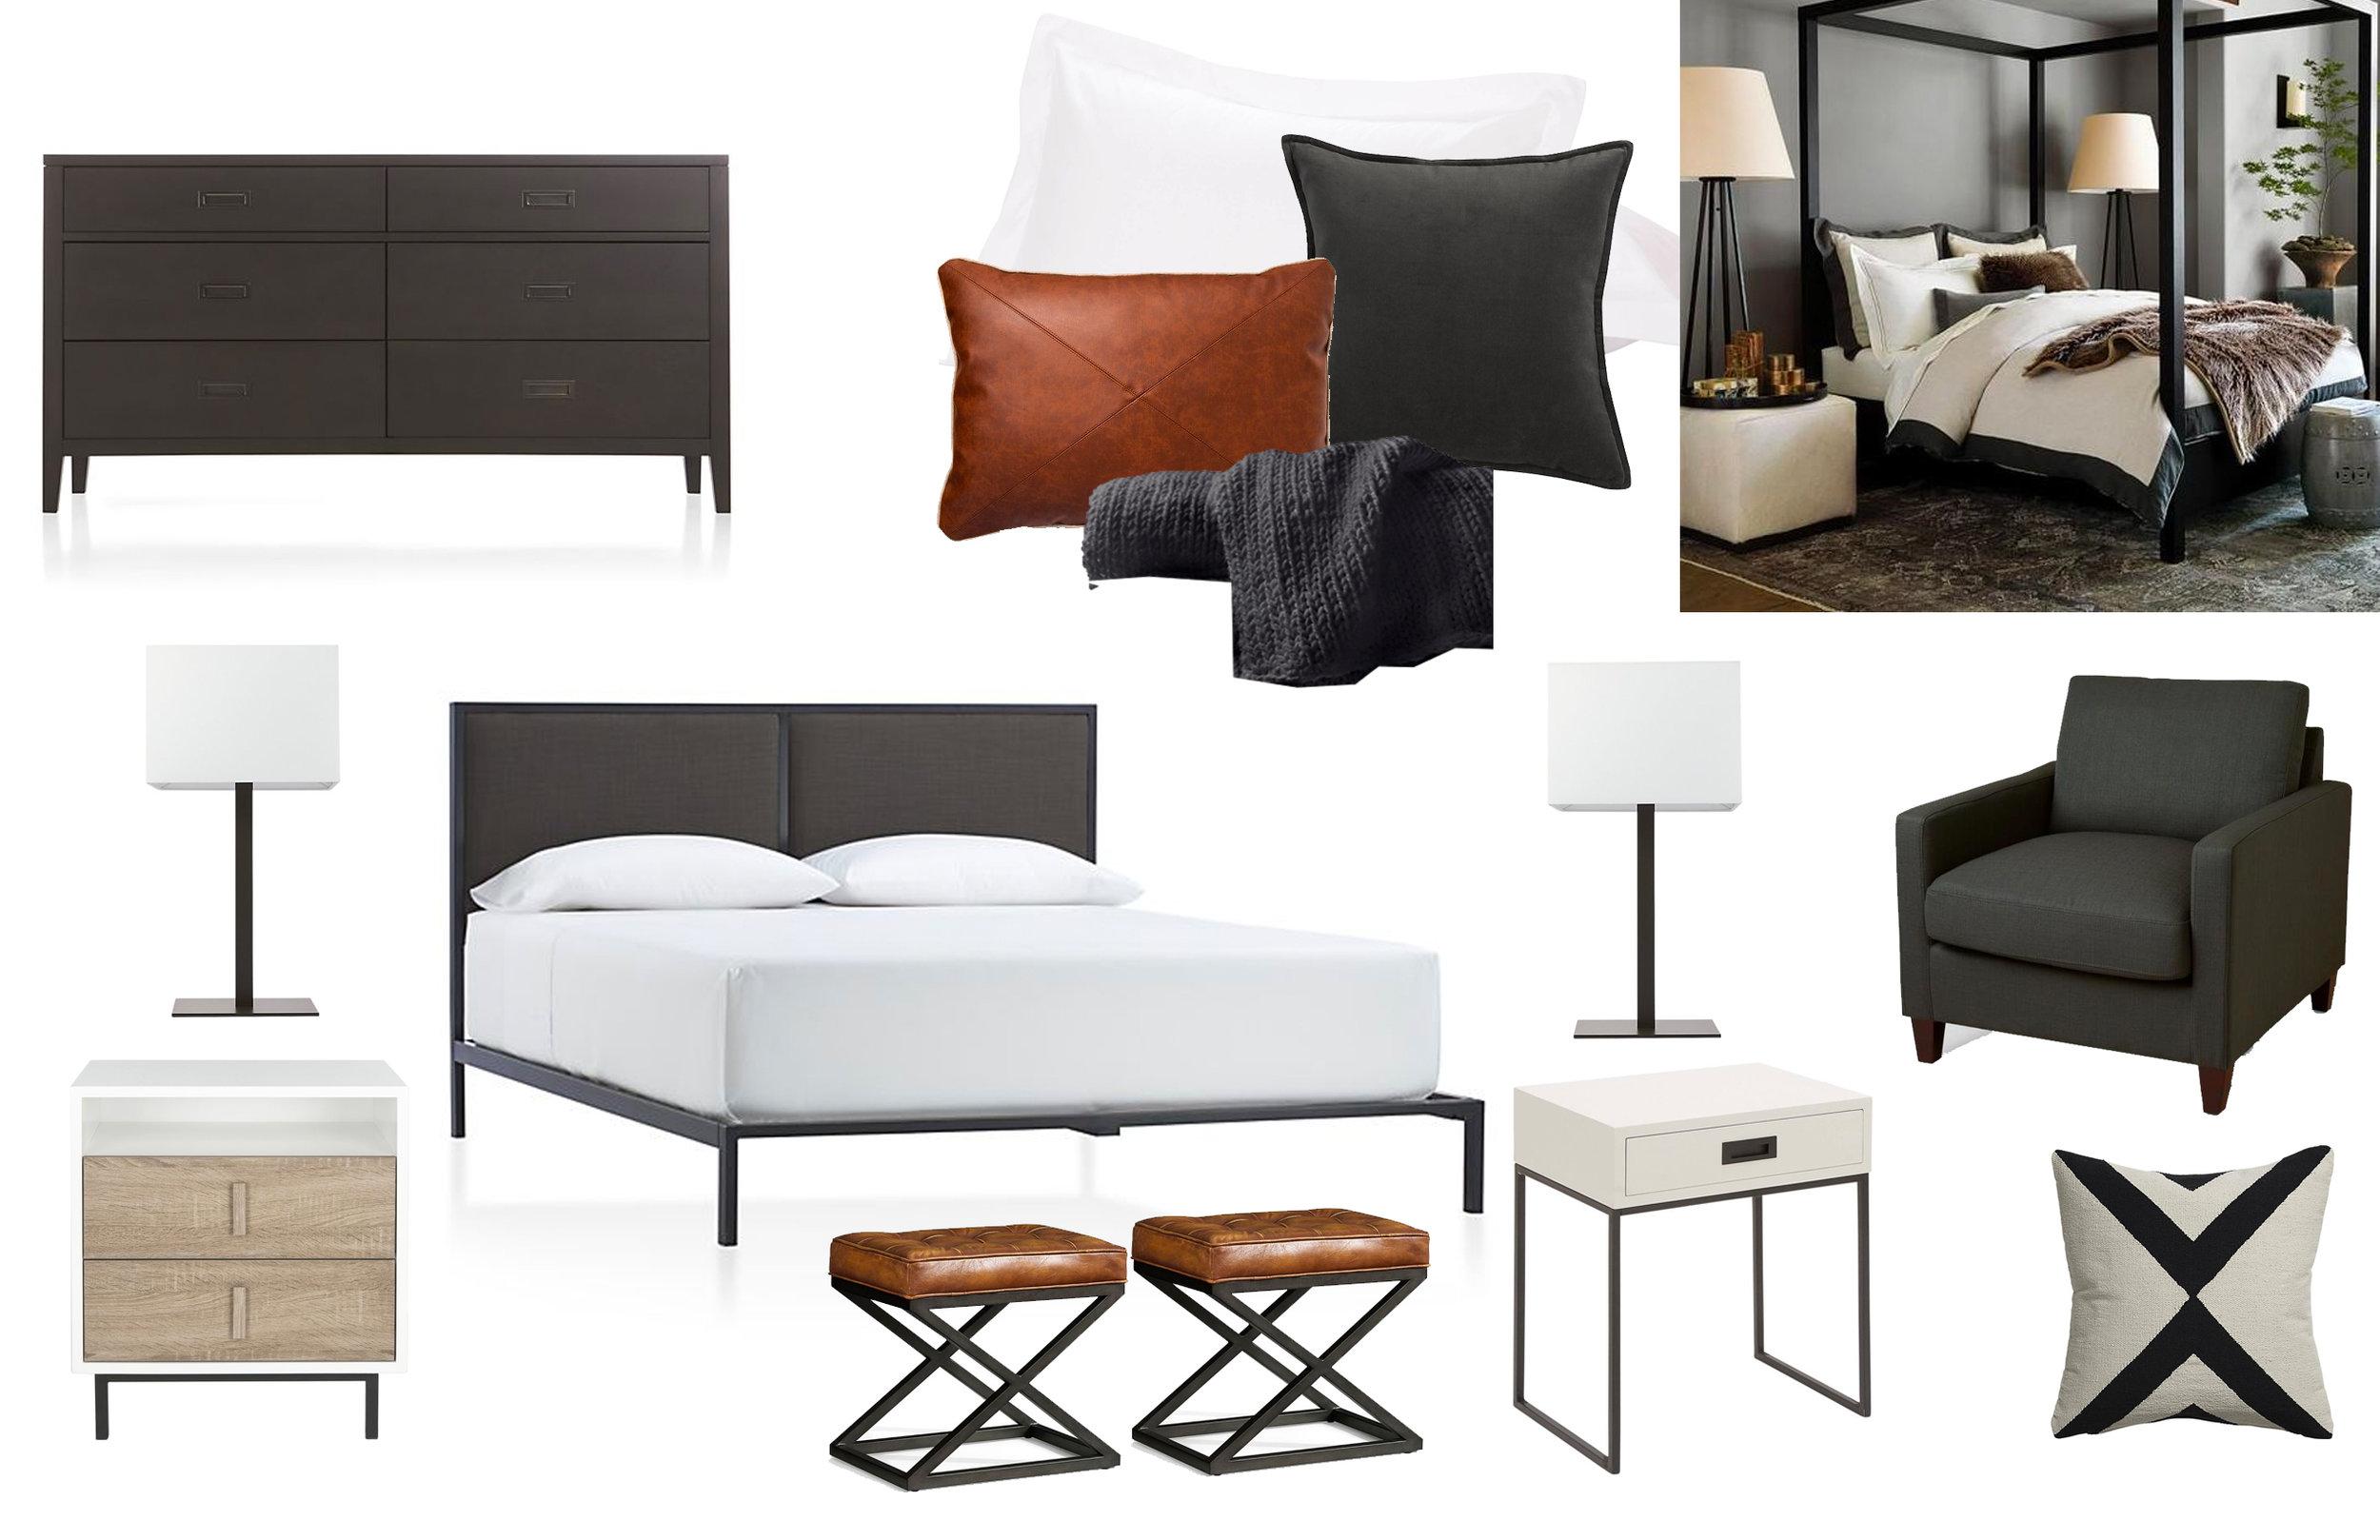 TV_Bedroom Idea_edited-1.jpg